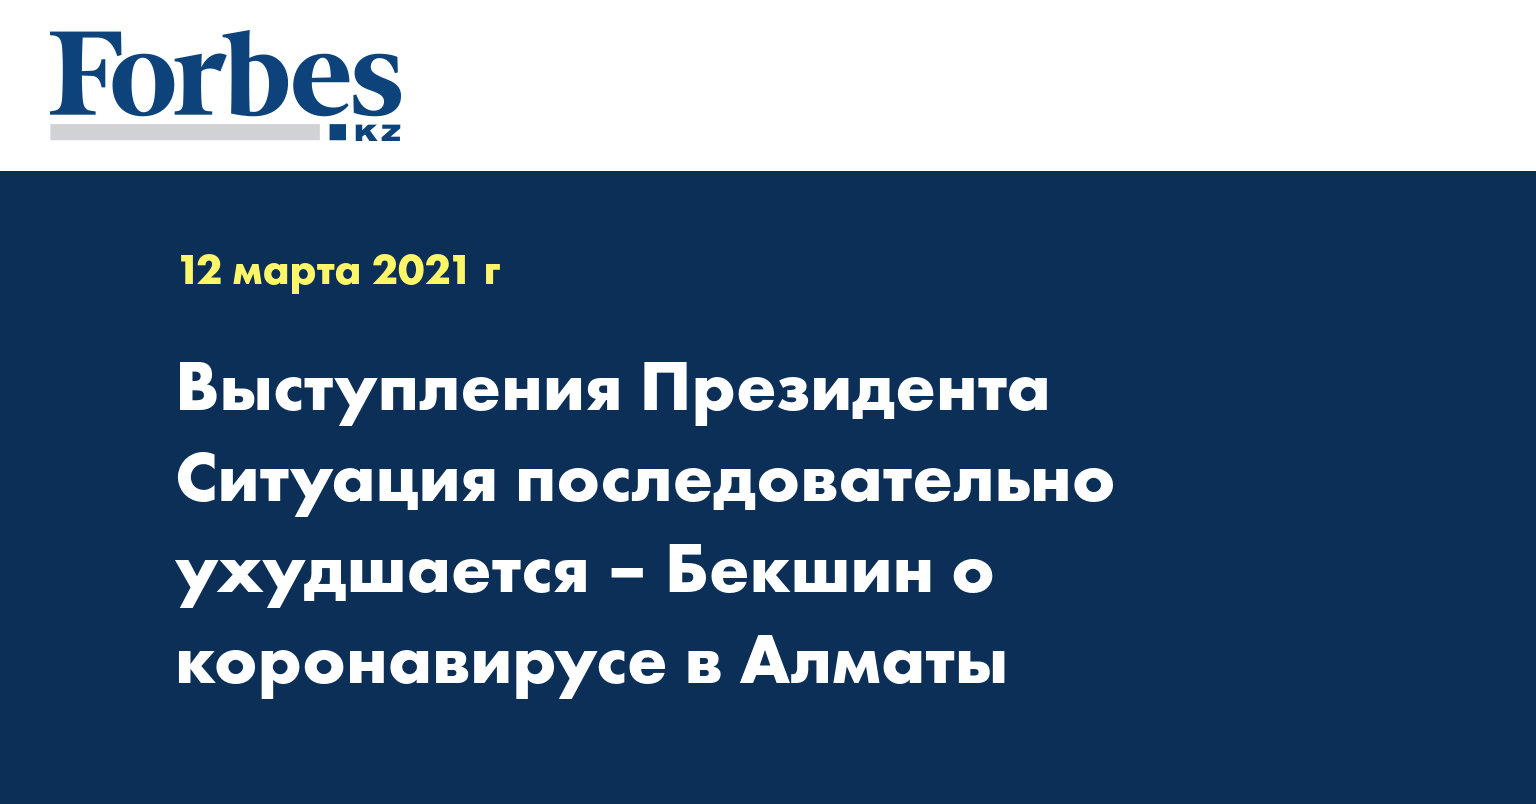 Ситуация последовательно ухудшается – Бекшин о коронавирусе в Алматы